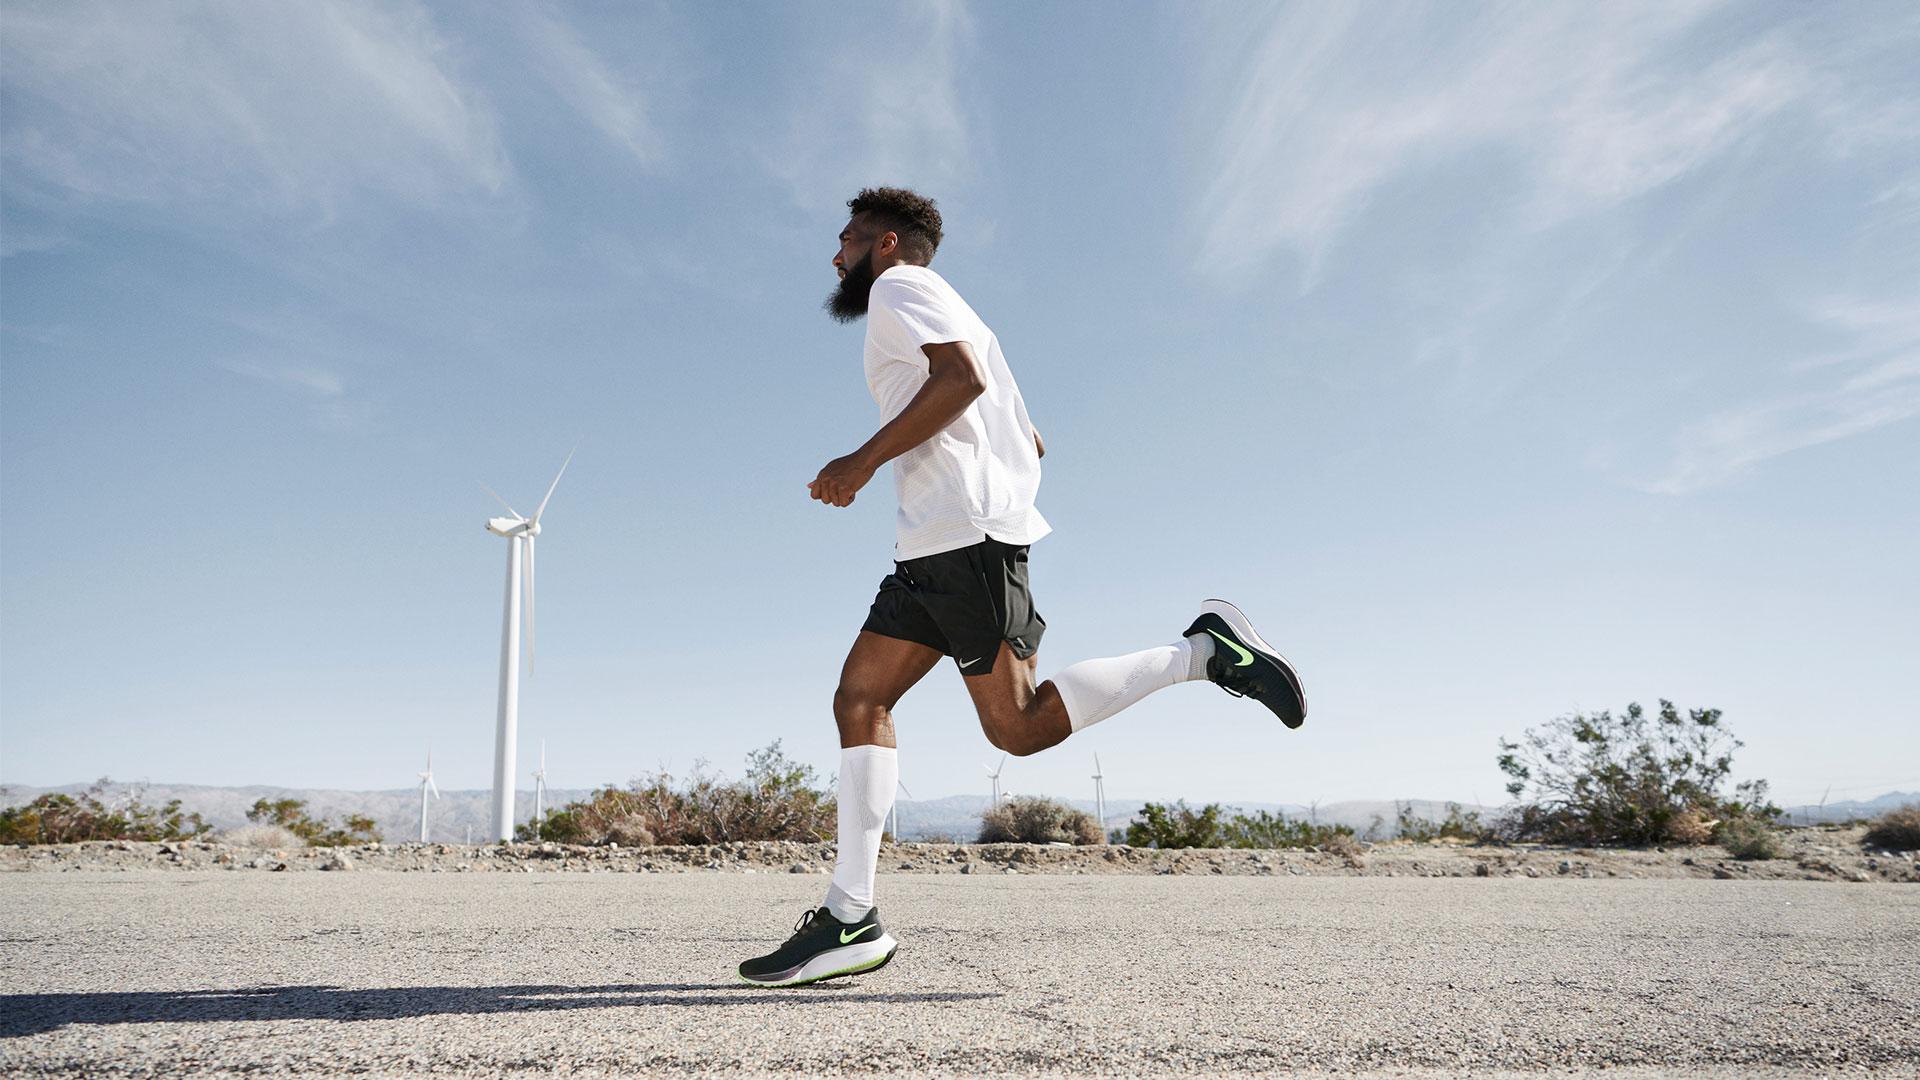 Sneakers for a Beginner Runner